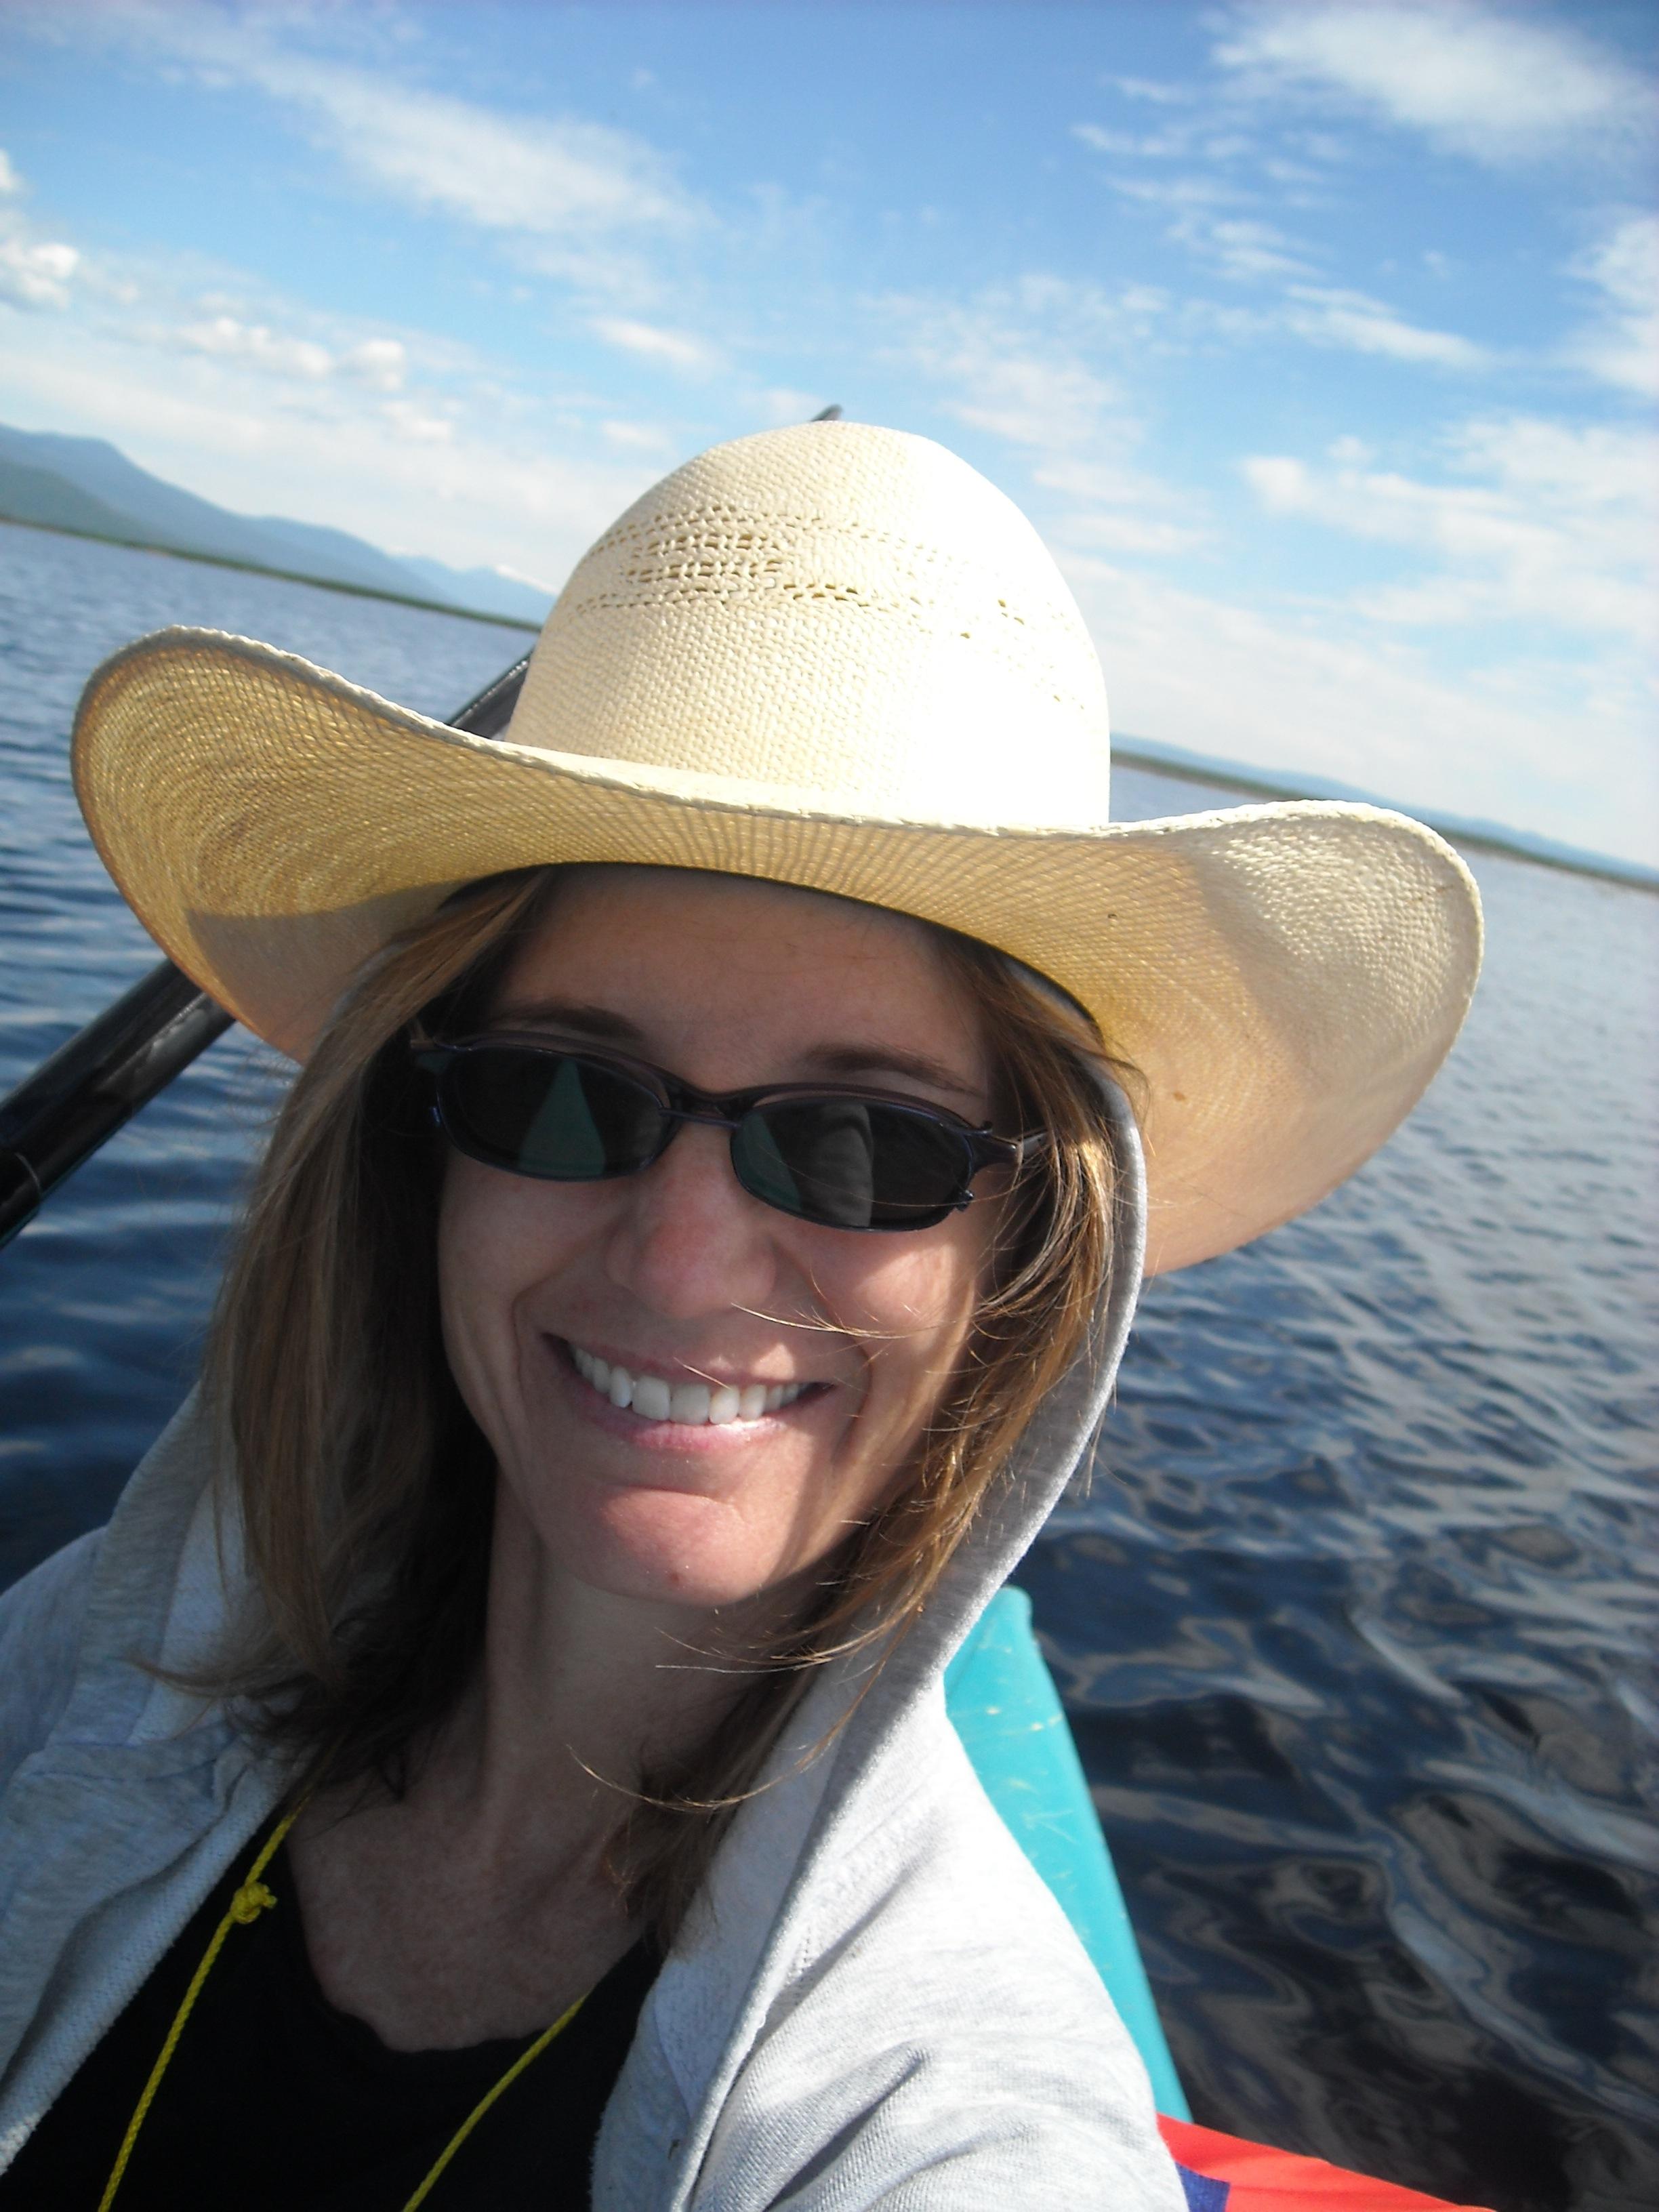 Reason #173 for Pilates: Kayaking 7 miles